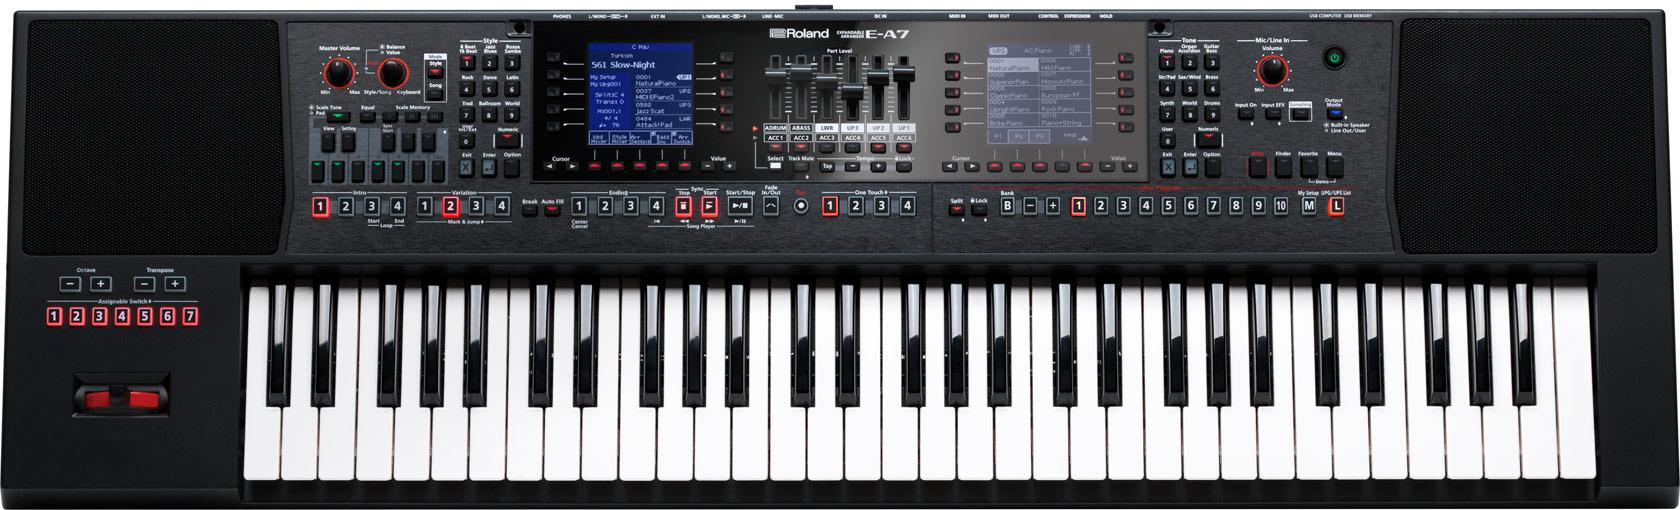 Roland E A7